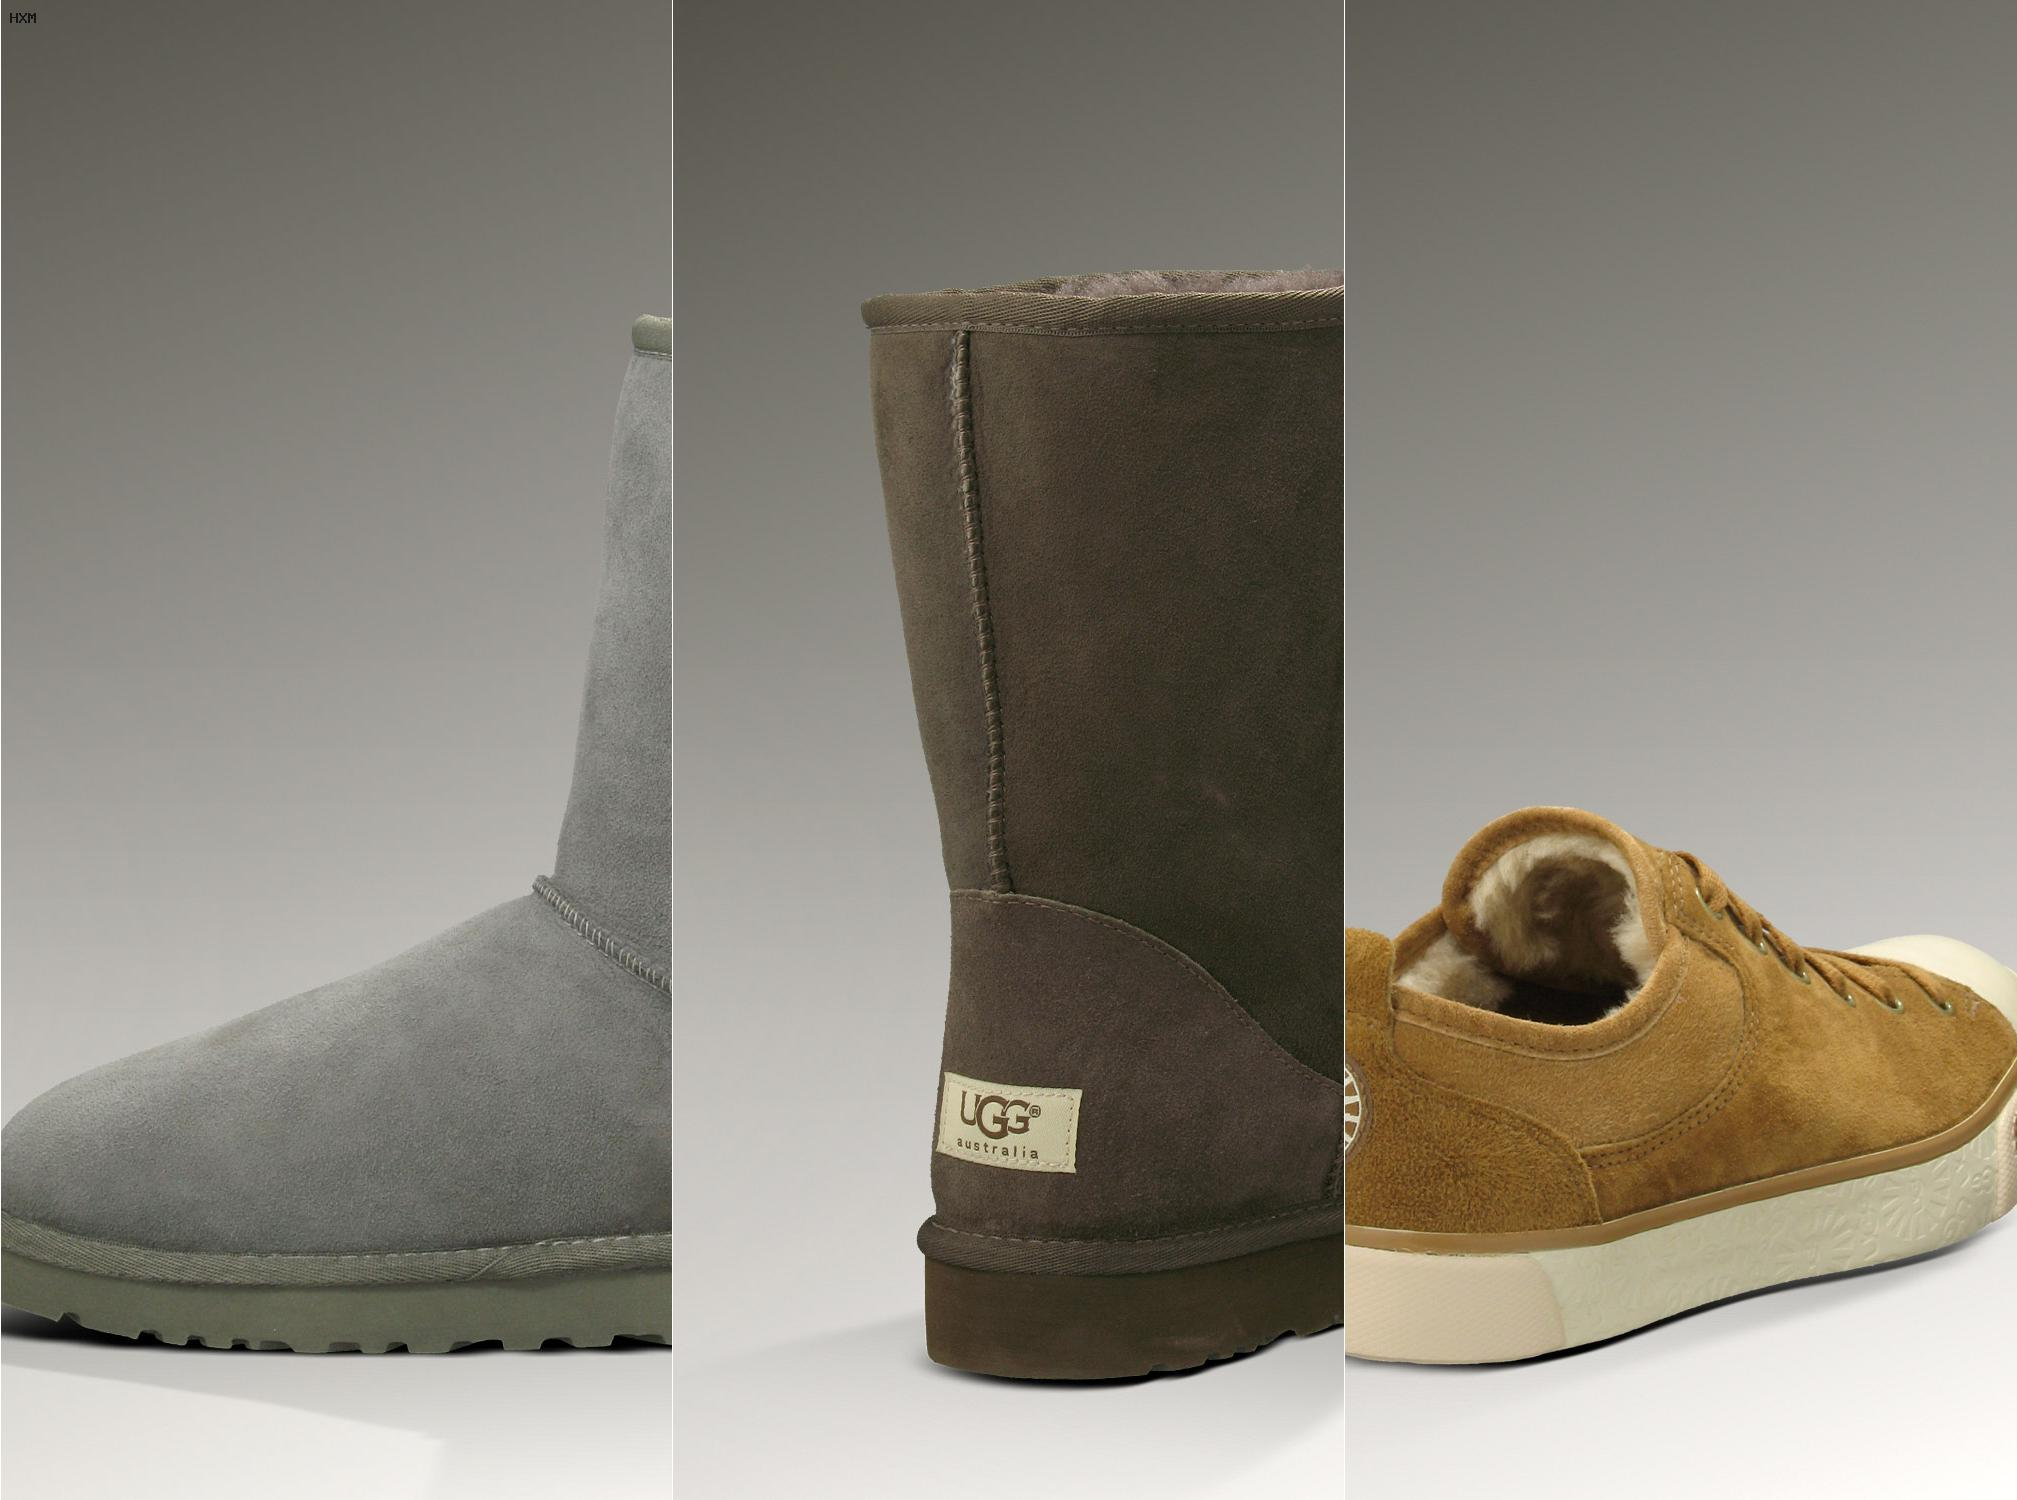 comprar botas ugg en aliexpress